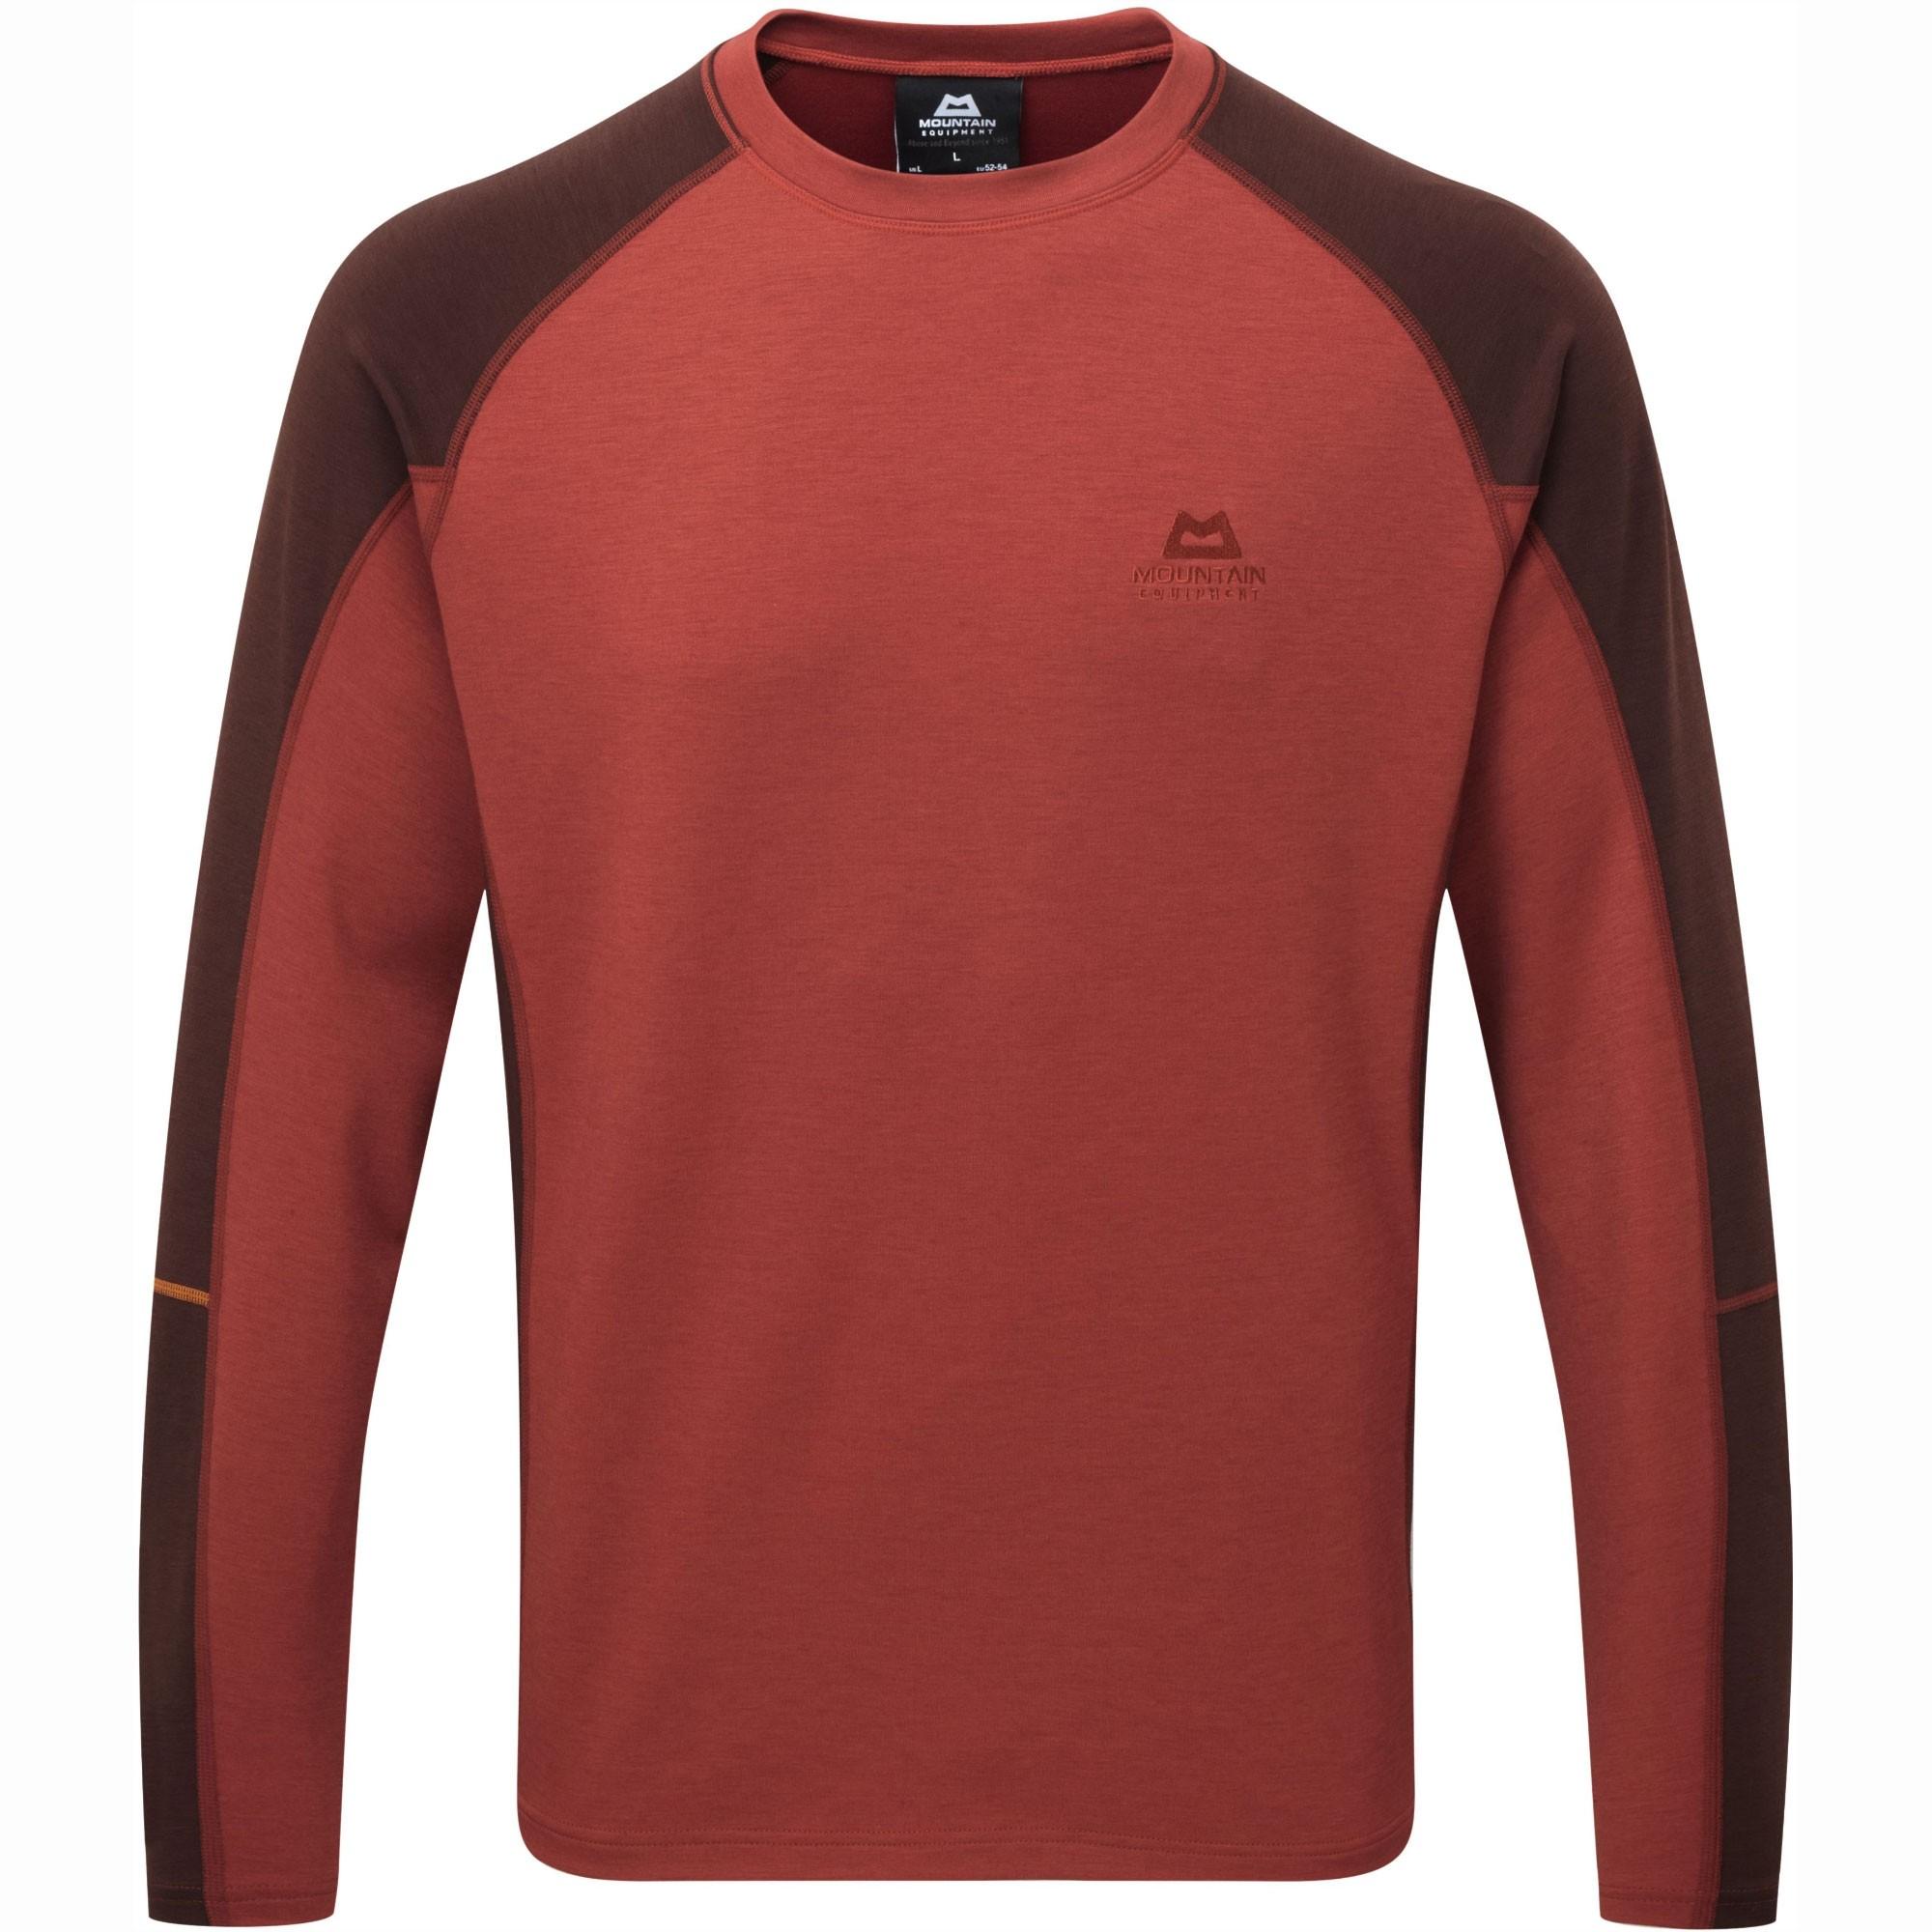 Mountain Equipment Committed Crew Sweater - Henna/Dark Chocolate